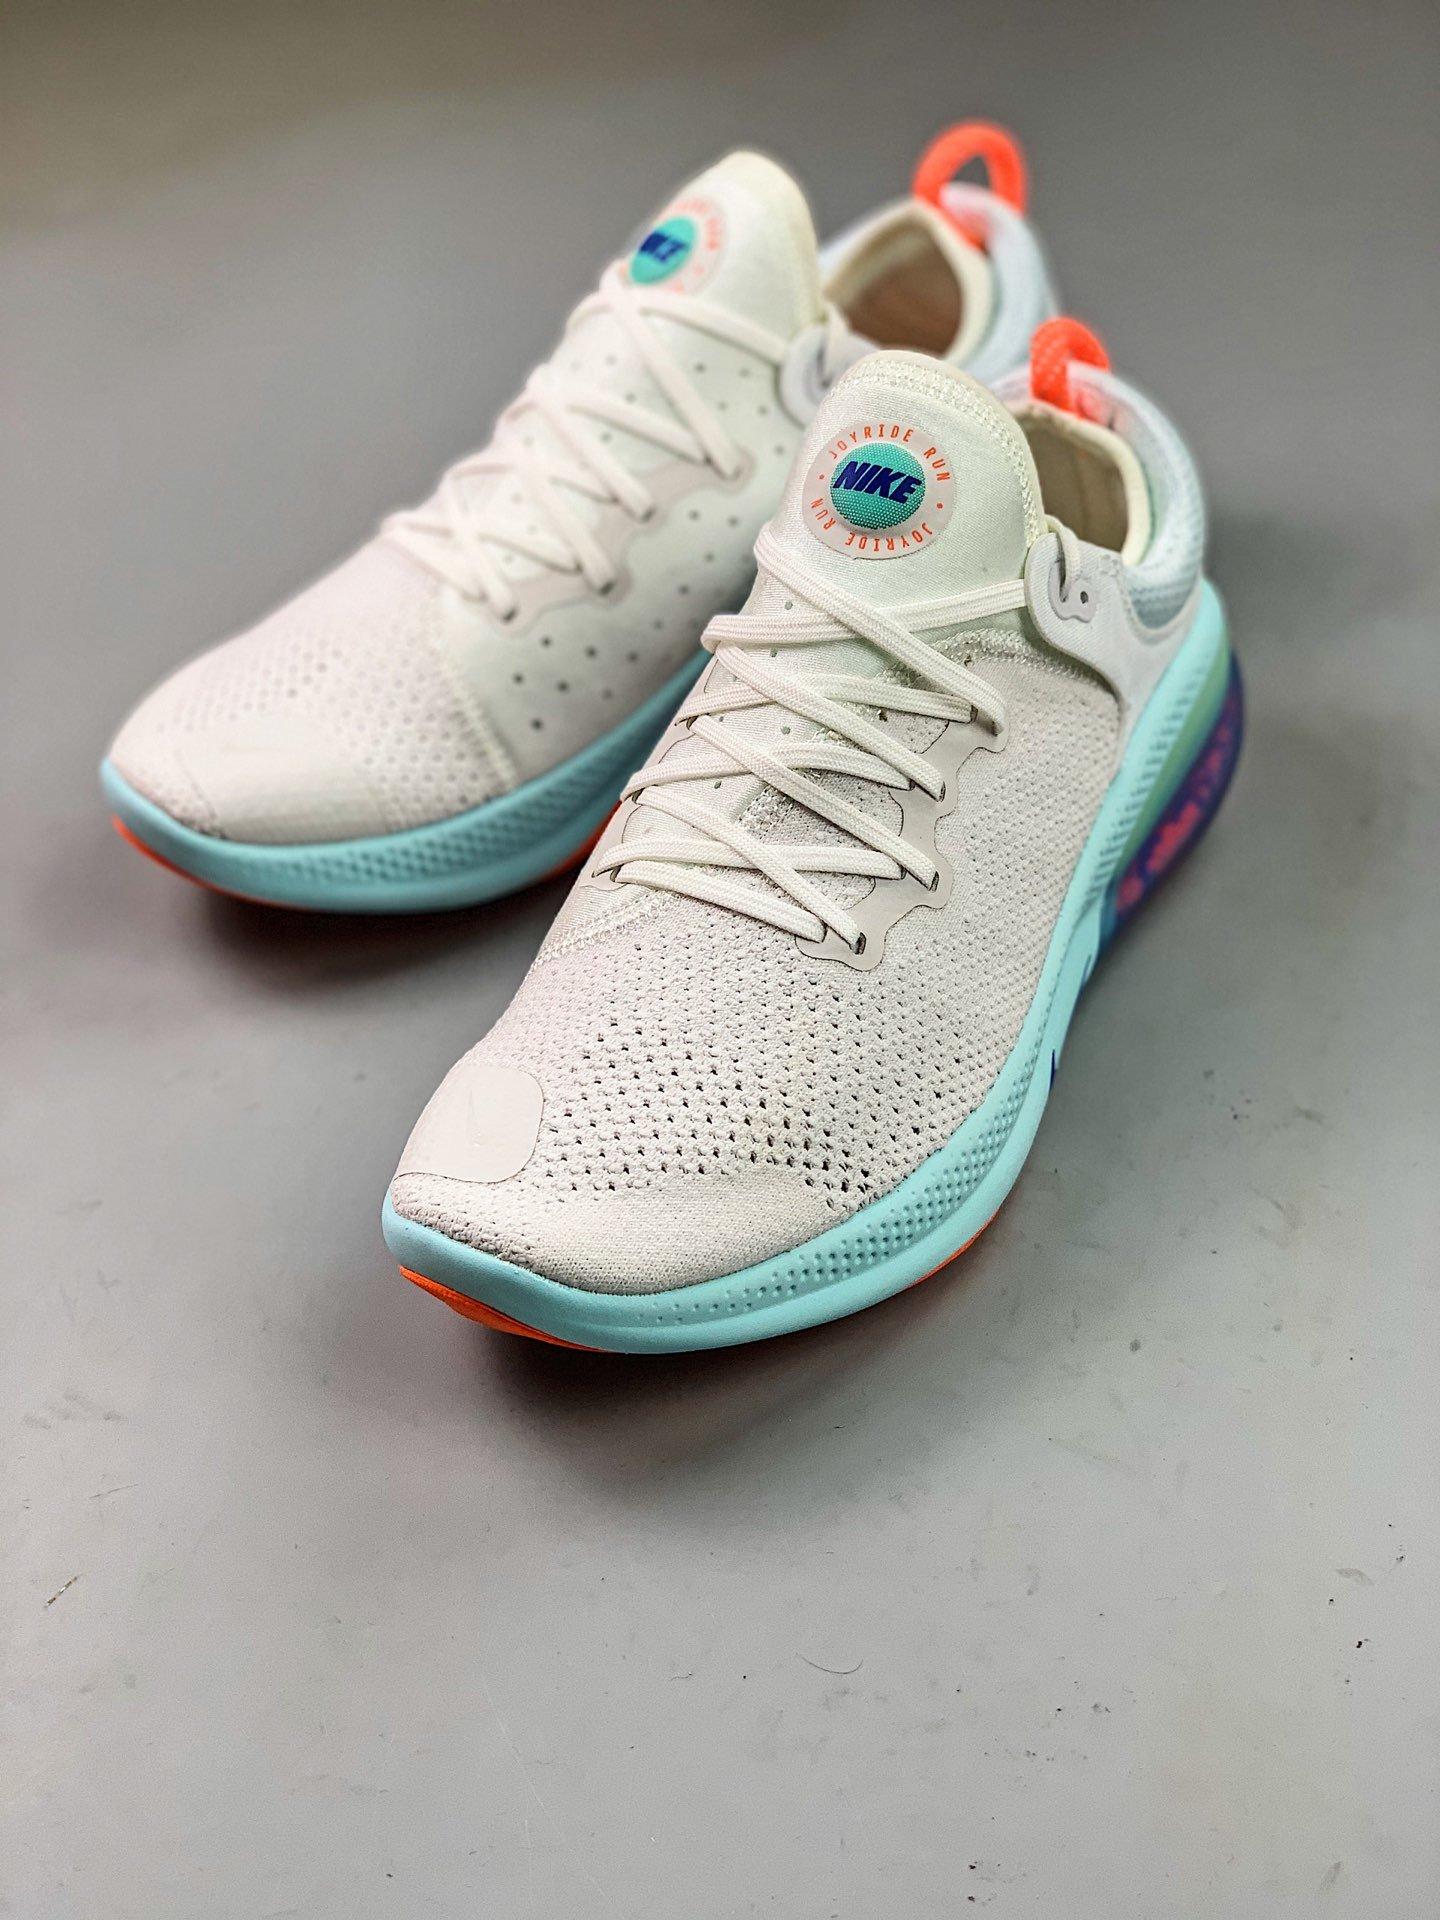 ?300 纯原版本Nike joyride Run全新缓震科技跑鞋采用最新纳米颗粒缓震科技跑鞋款式,后跟半透明可见填满的BOOST,与PumA之前的JAmmING 缓震相似,属于比较软且带有弹性的脚感,颜值相当帅气 科技未来感十足 官方货号:AQ2730-100size:36 36.5 37 38 38.5 39 40 40.5 41 42 42.5 43 44 44.5 45